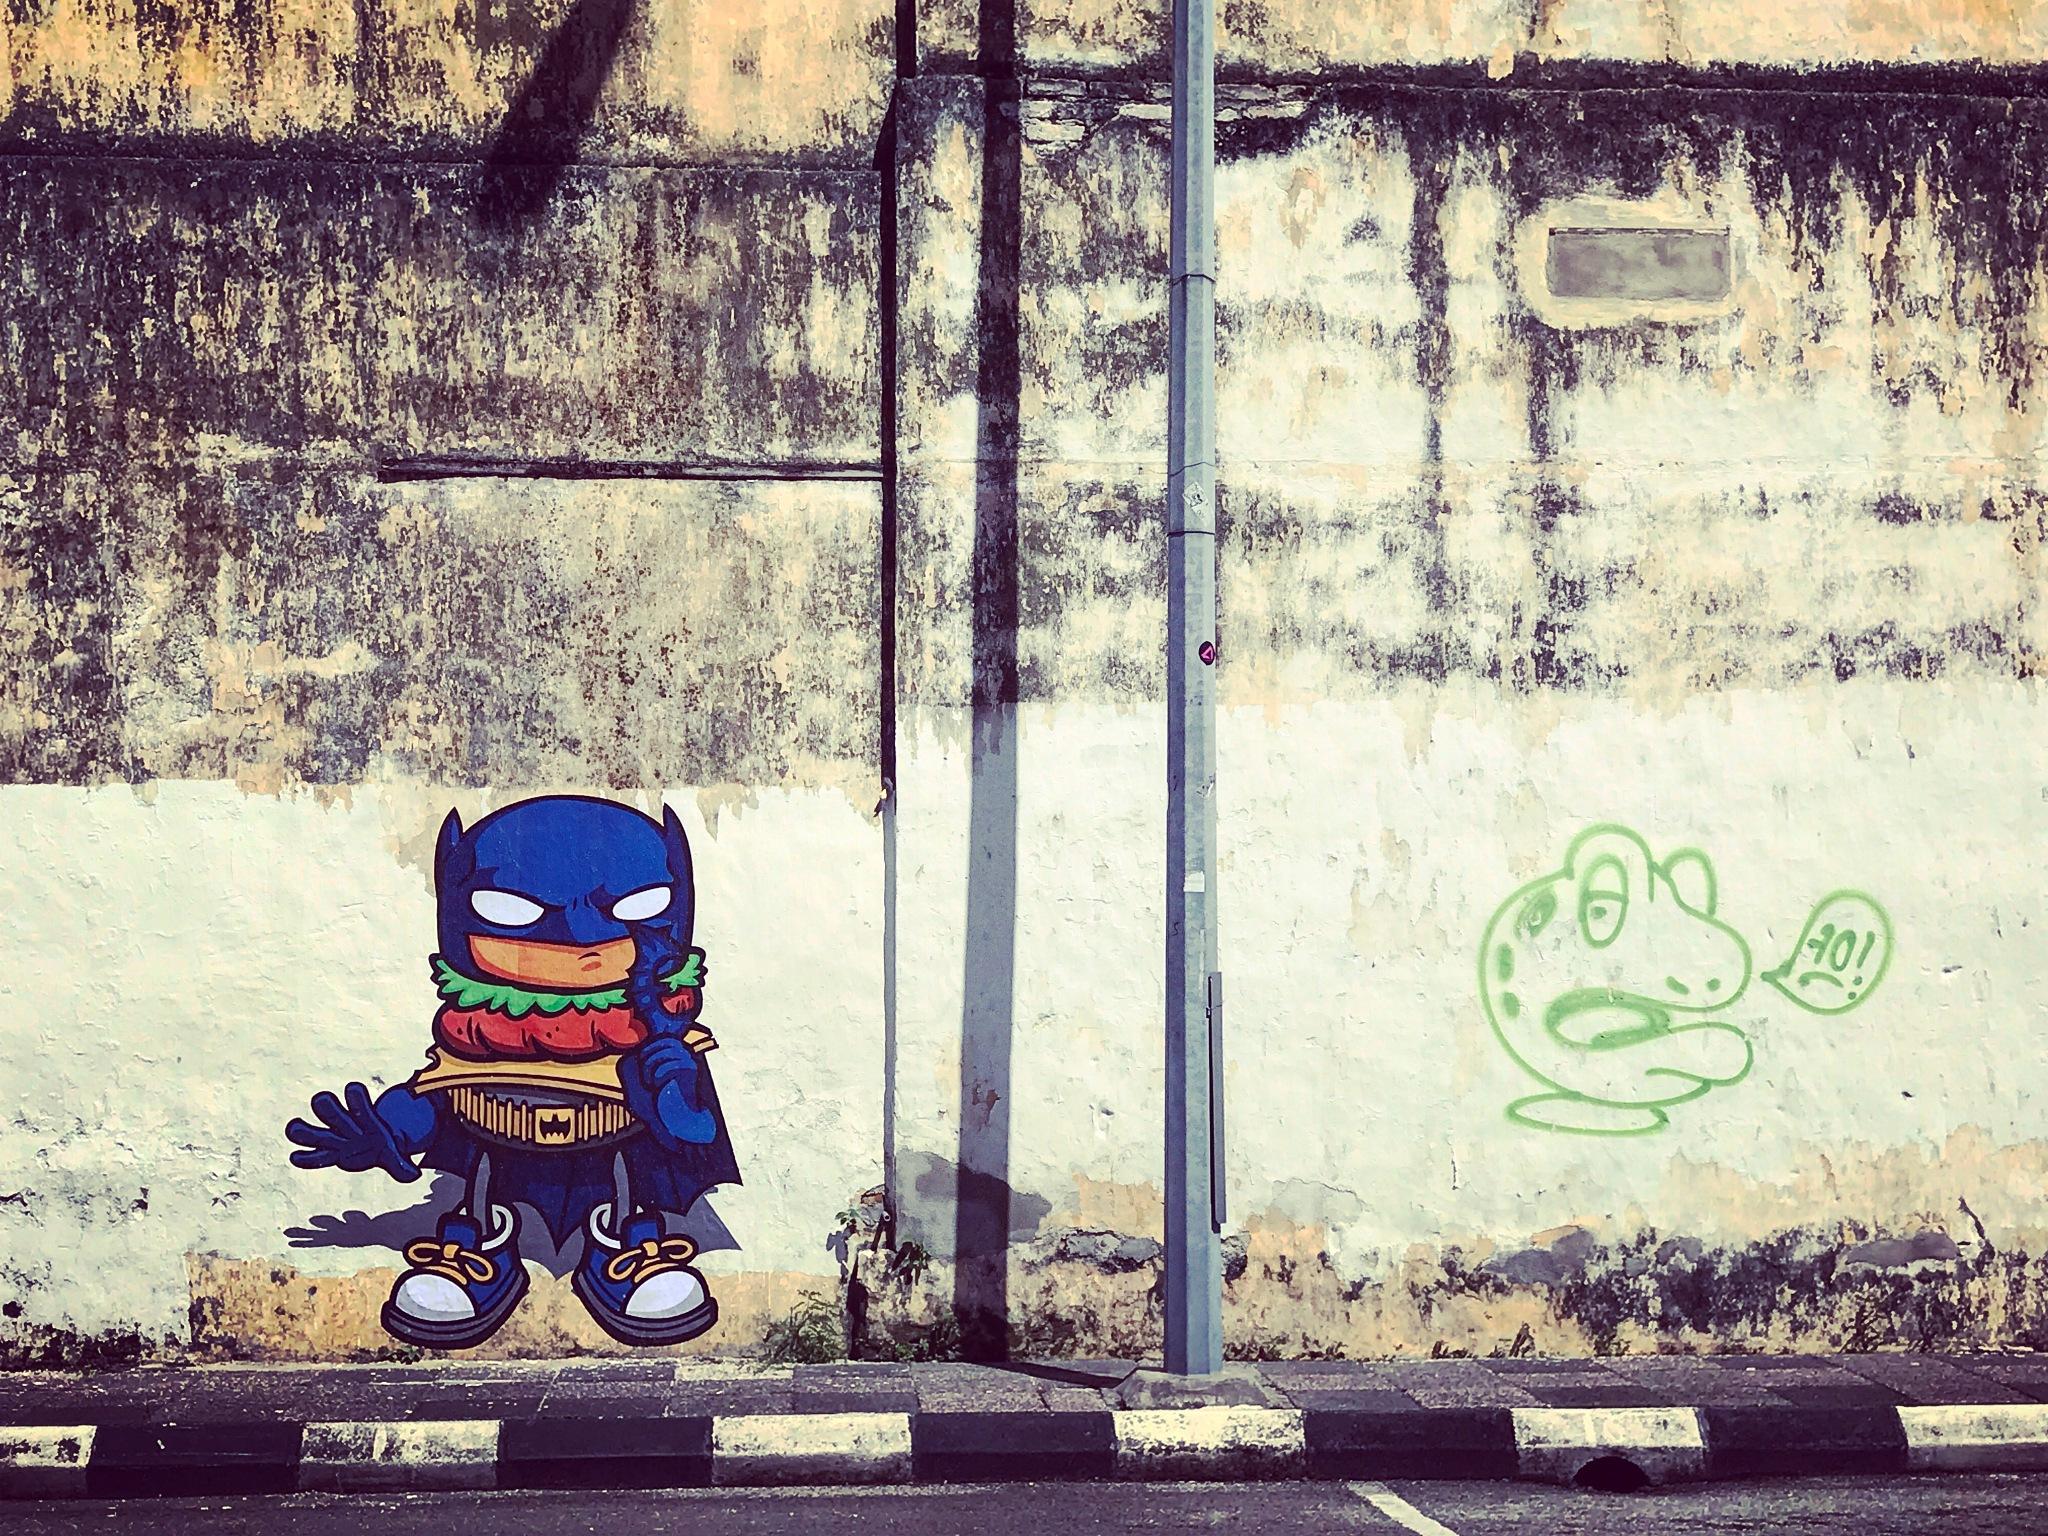 Street art  by Sammi